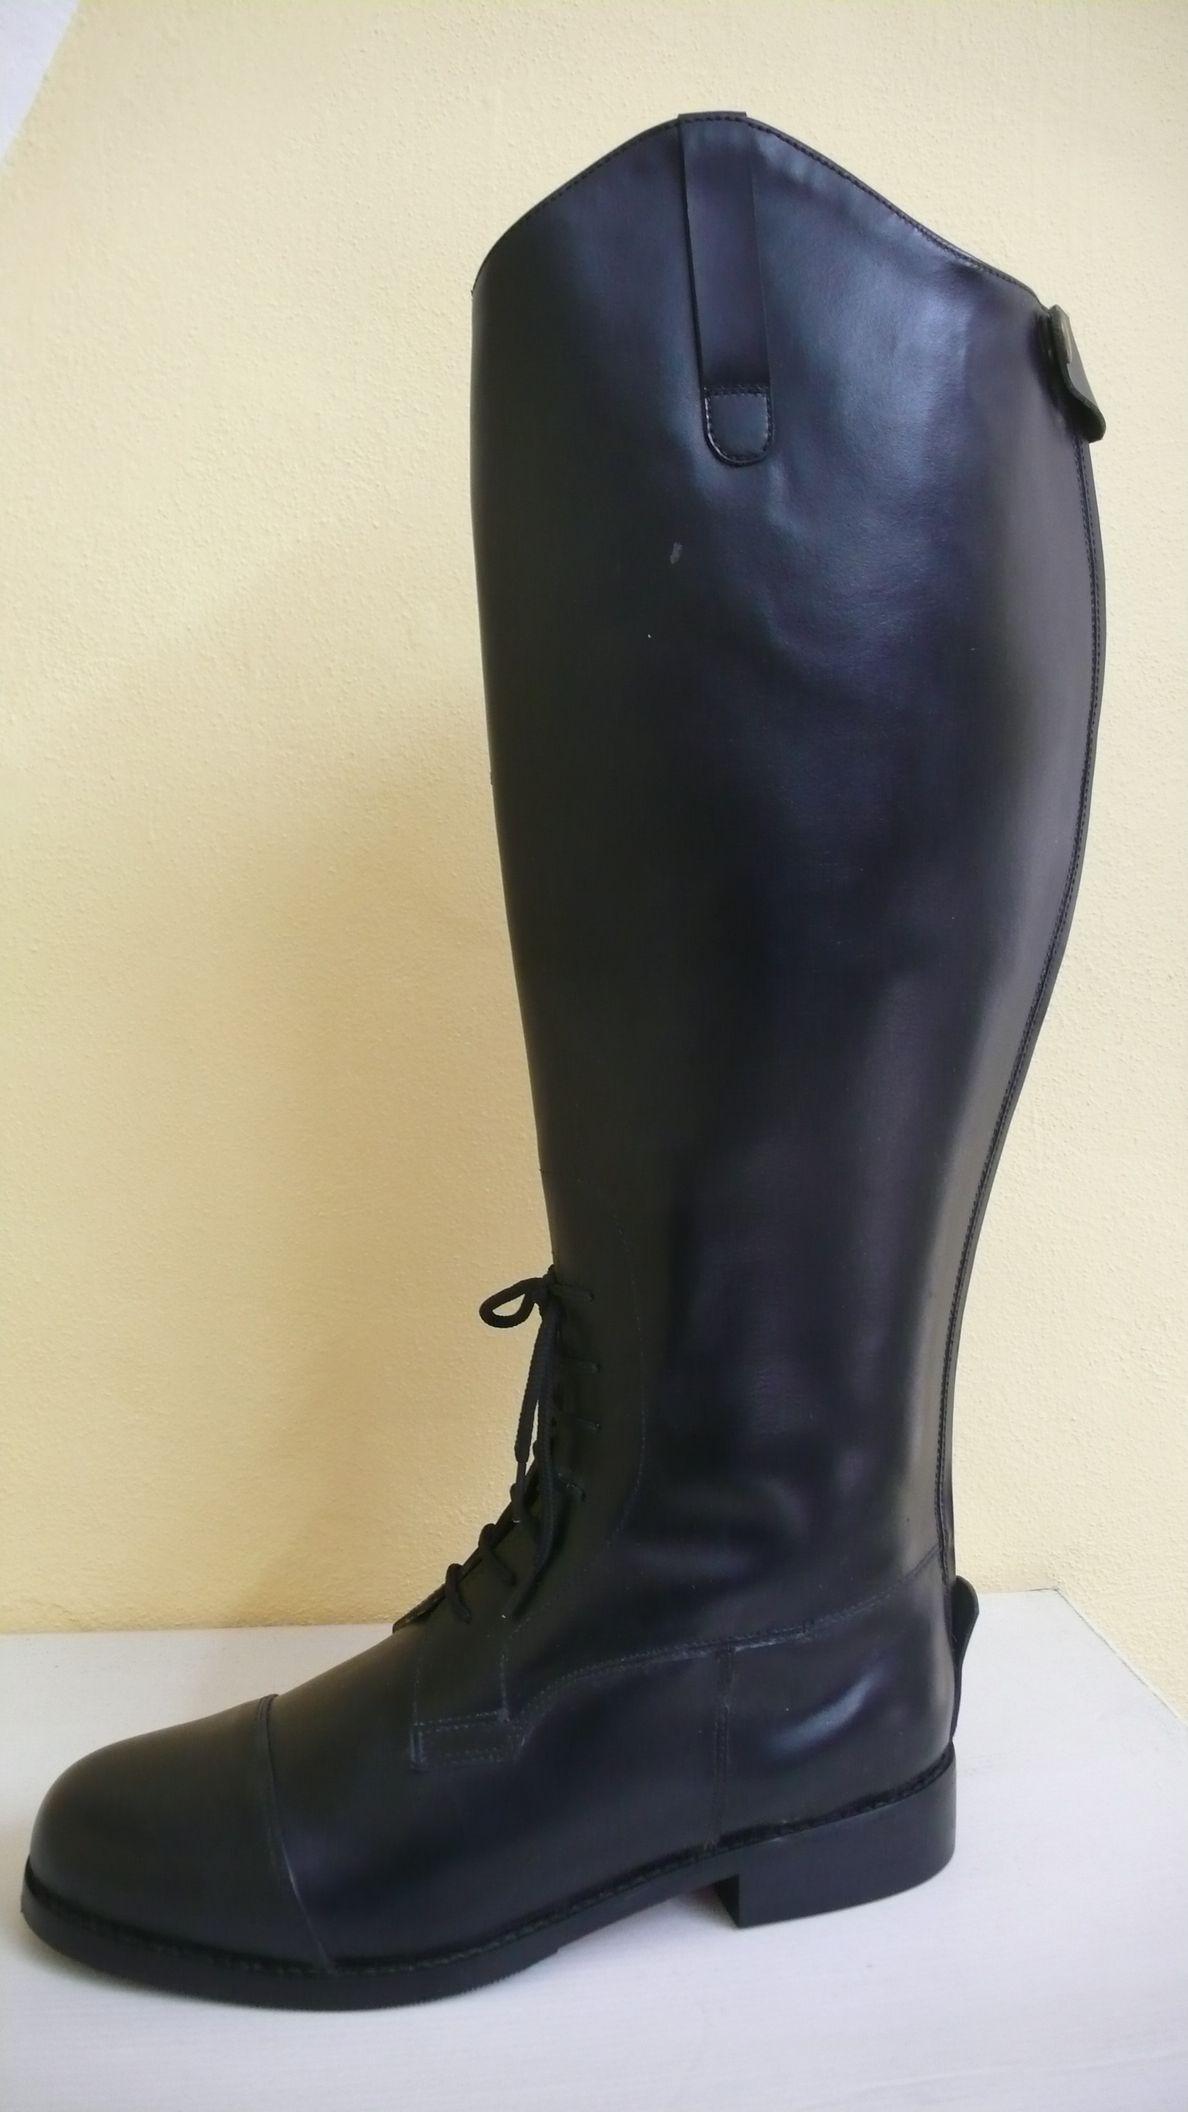 boty jezdecké kožené vysoké